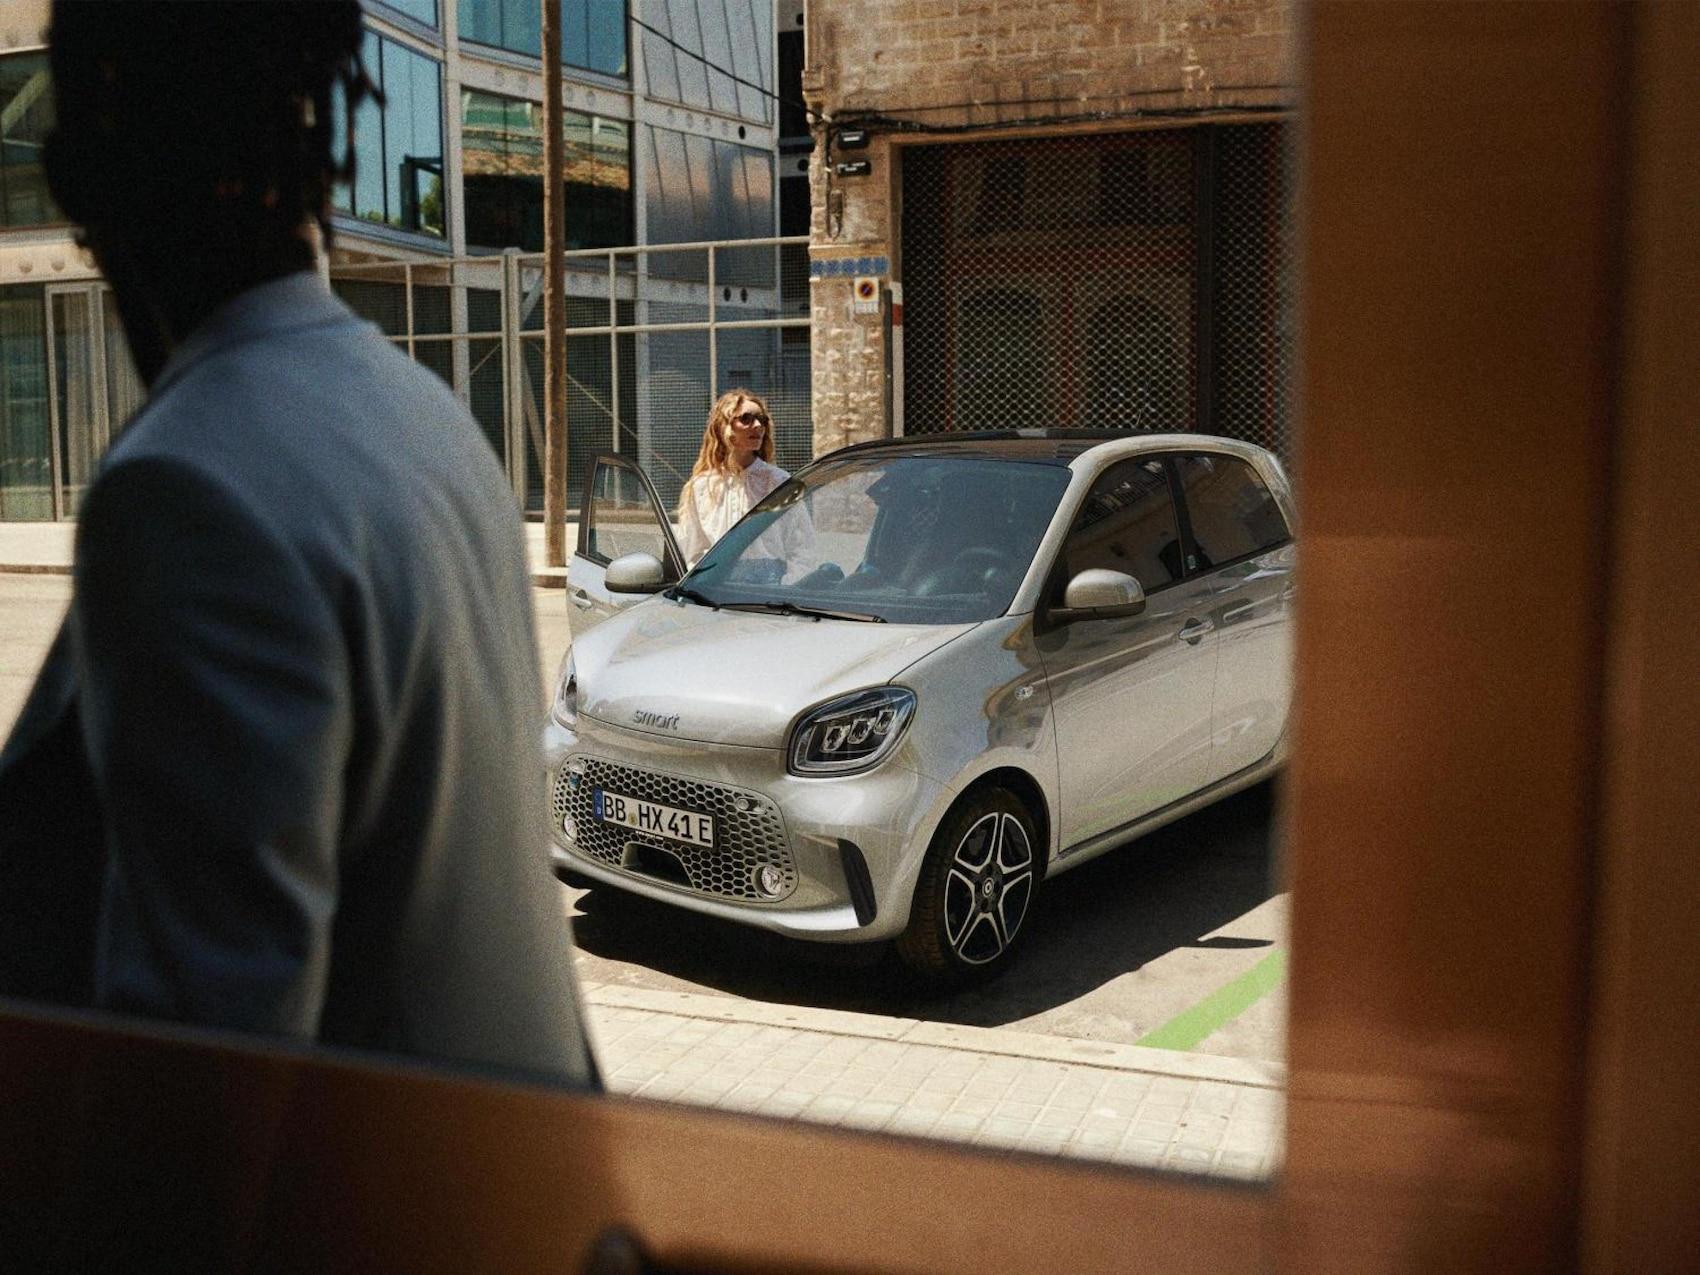 Une femme monte à bord d'une smart EQ forfour, côté passager.